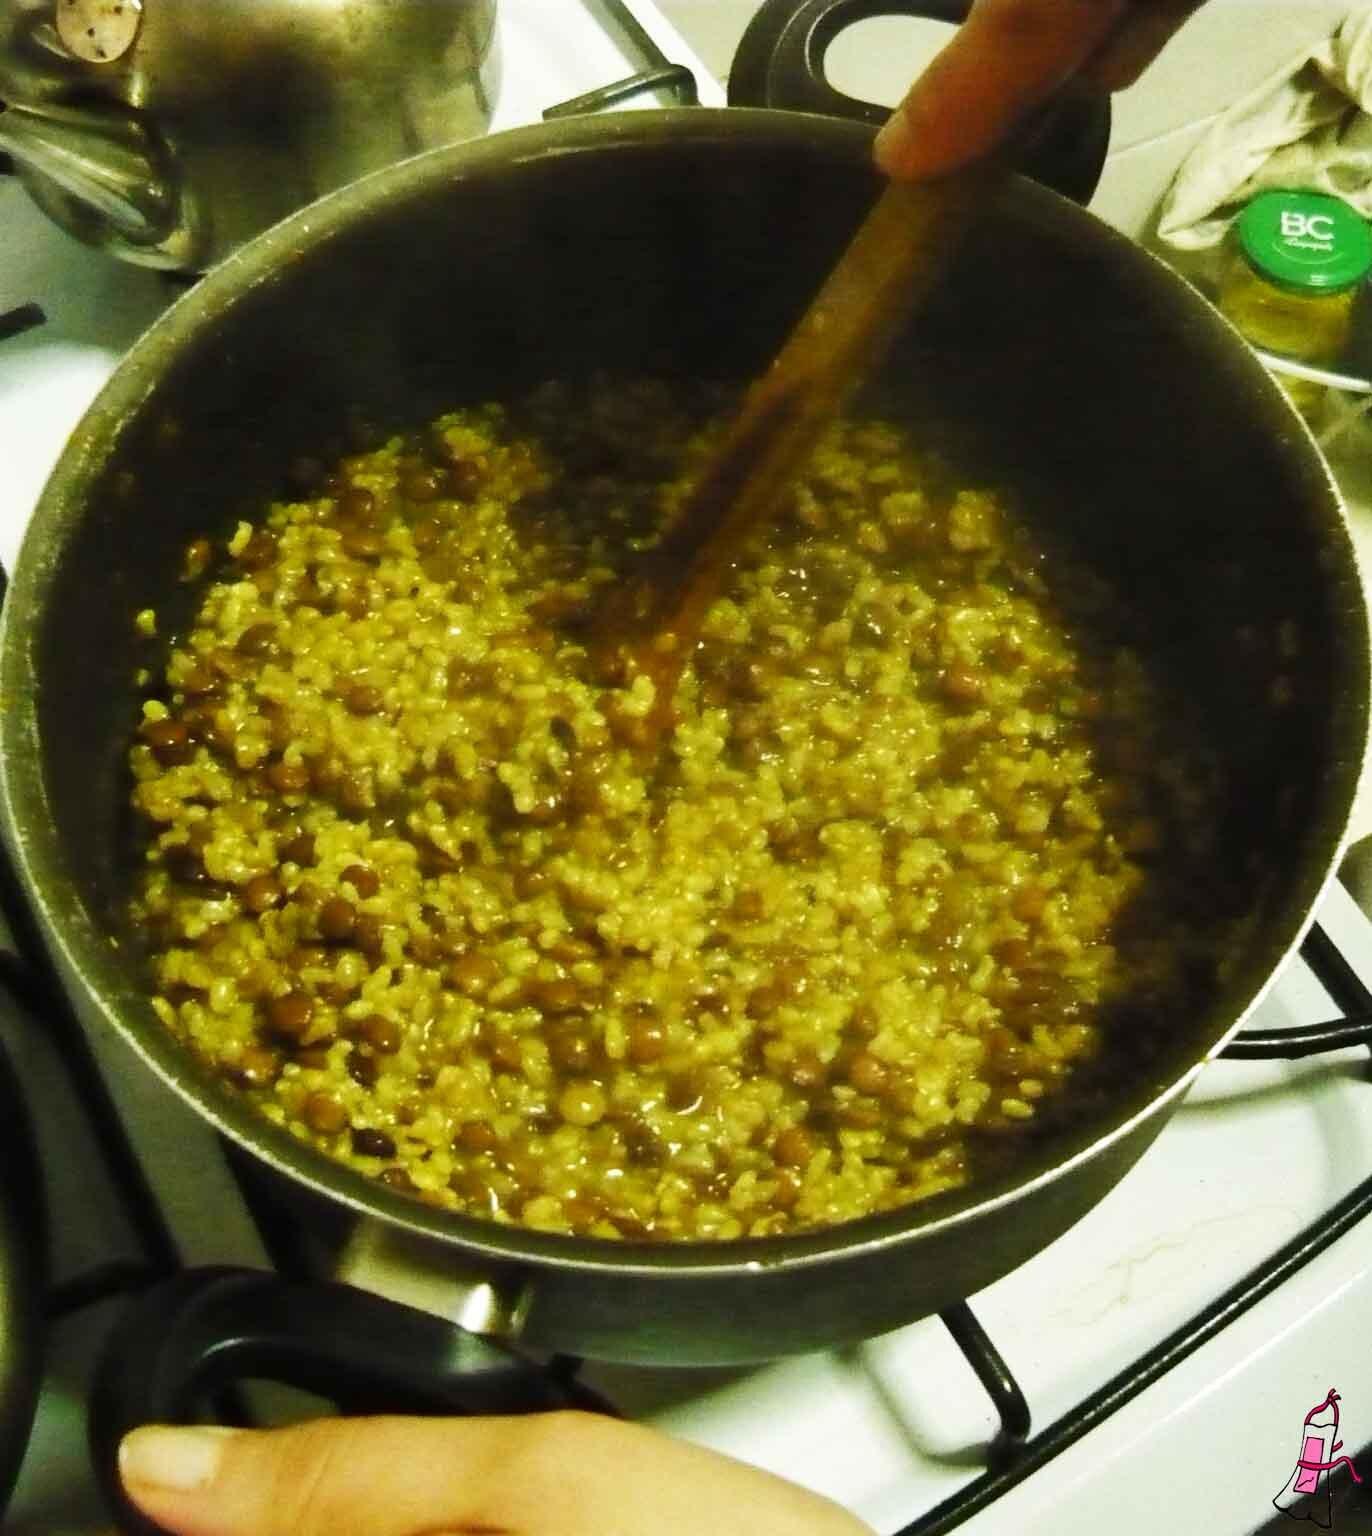 Rico y sano: Hamburguesas de arroz yamaní y lentejas